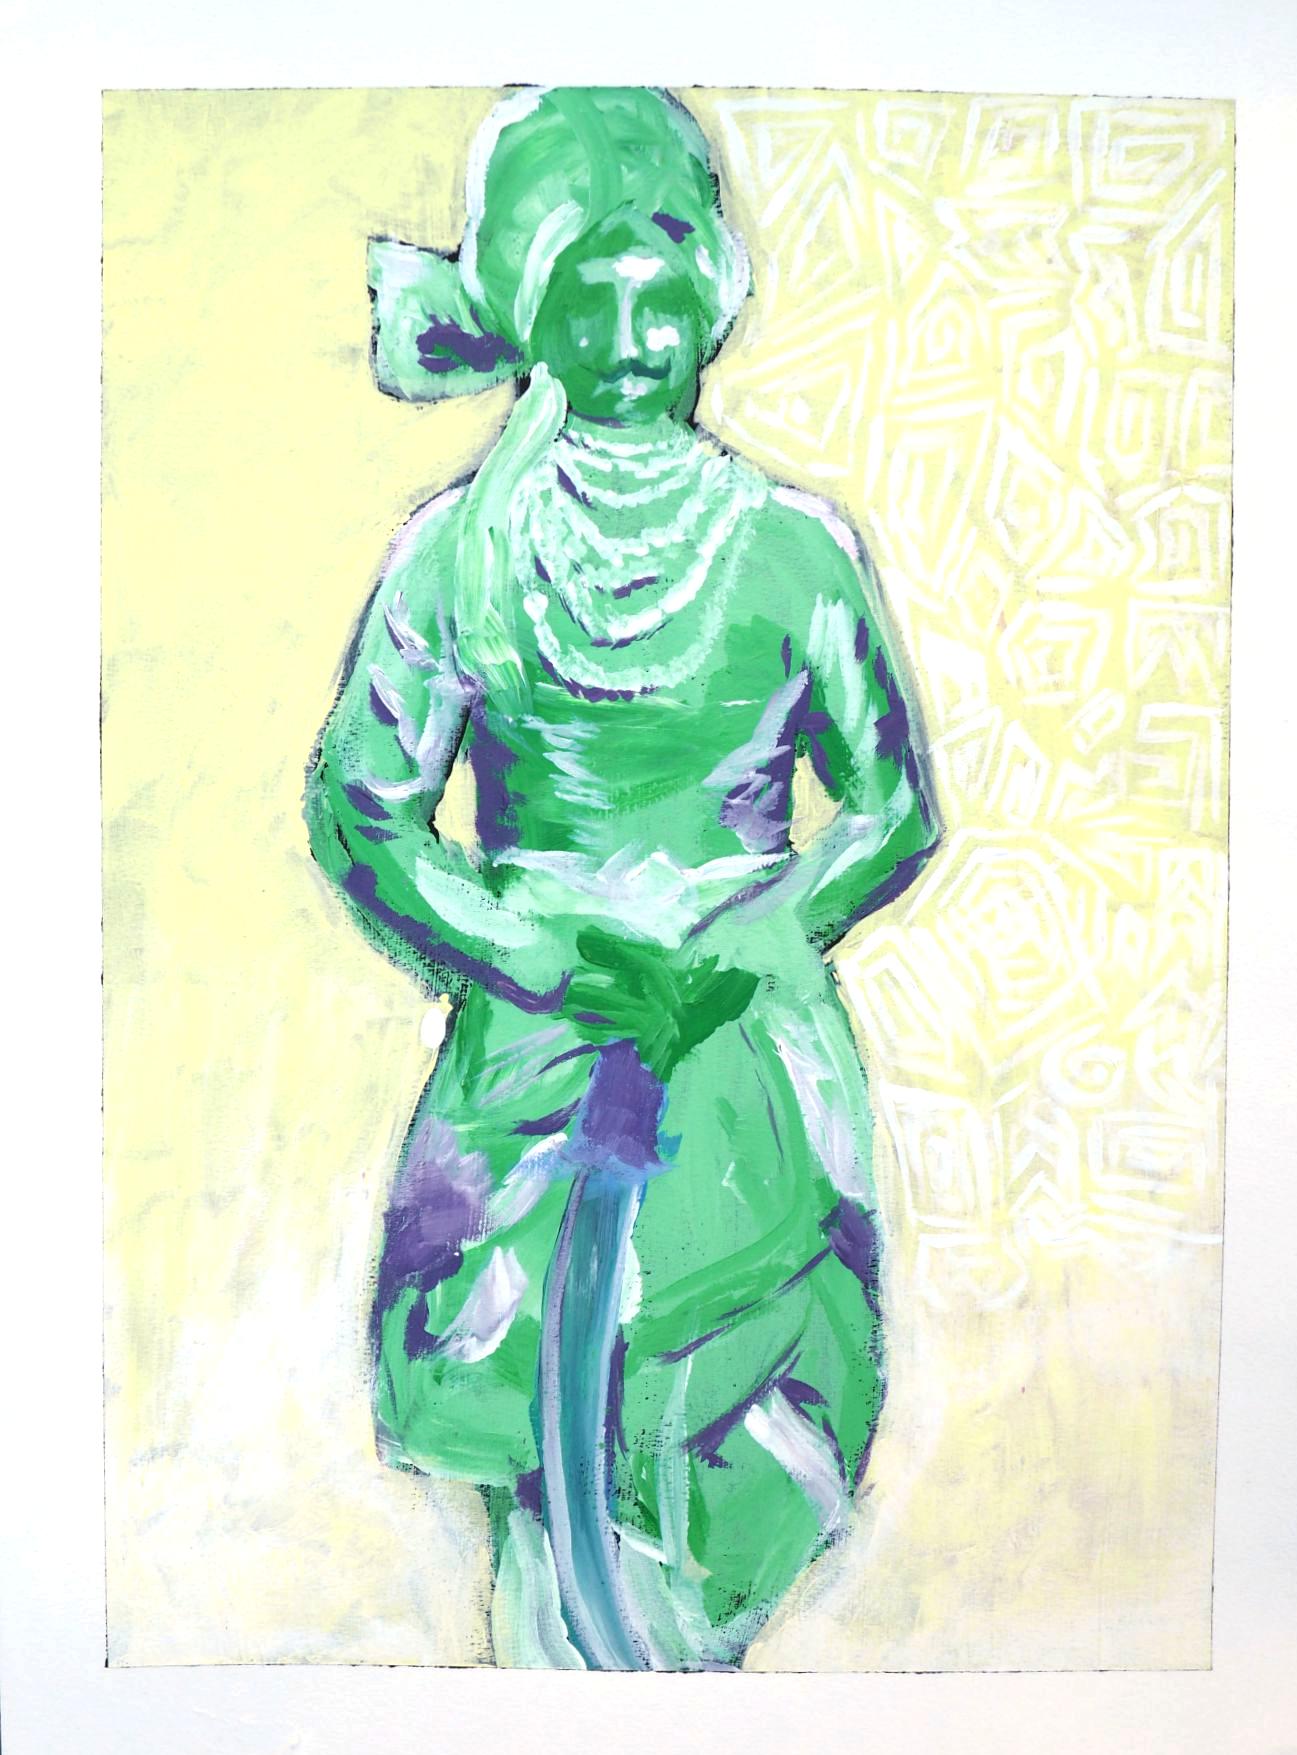 Green Maharaja, 24x18, acrylic on paper, $150